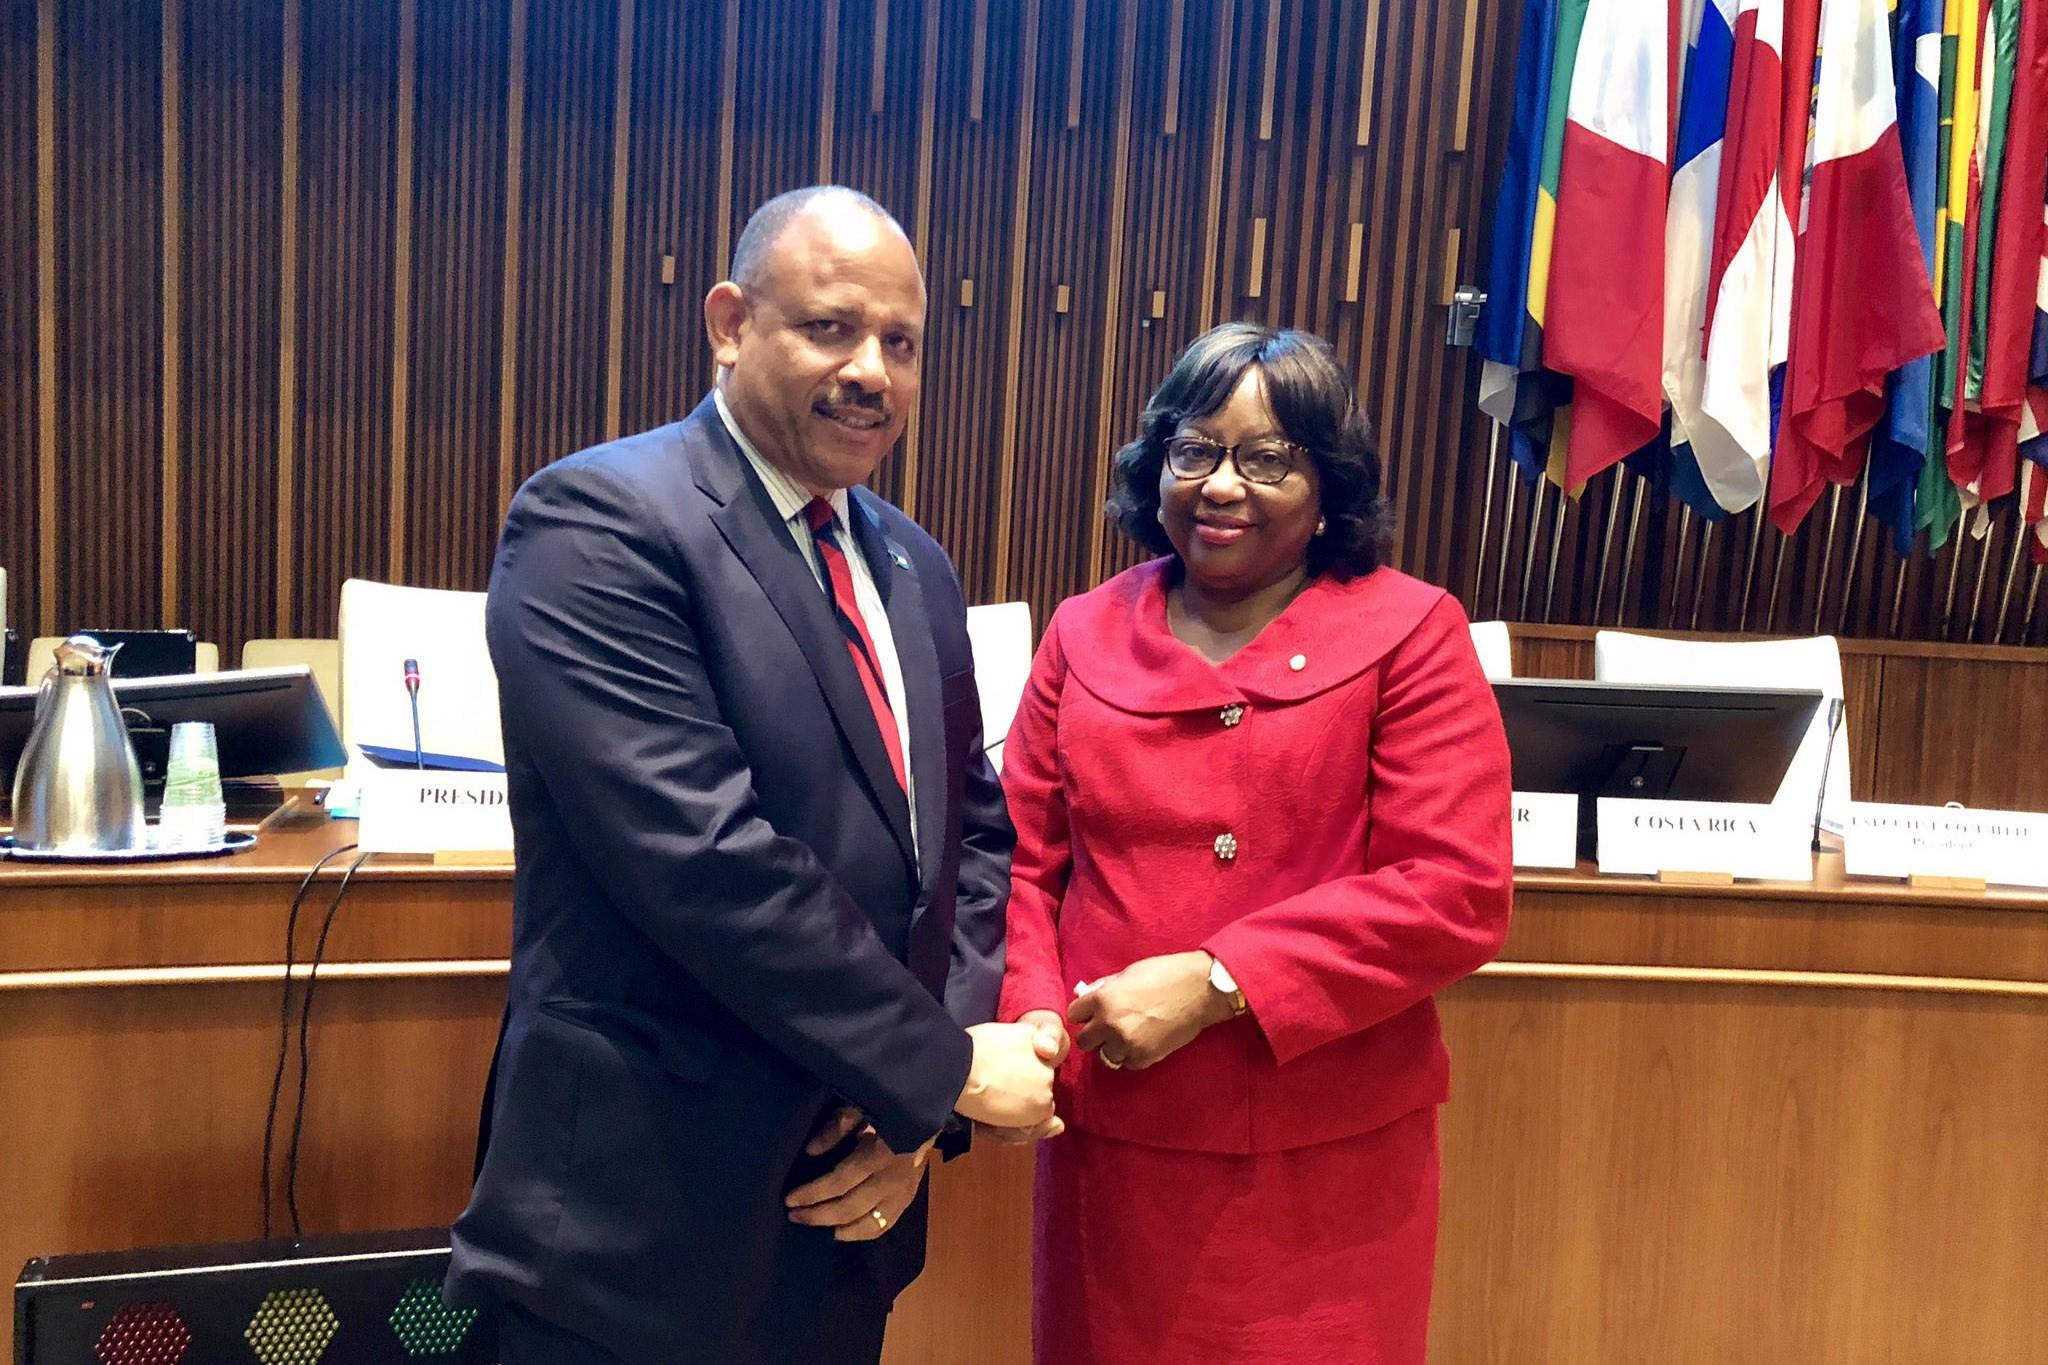 Dr Carissa Itienne and Bahamas Health Minister Duane Ermest Lascelles Sands